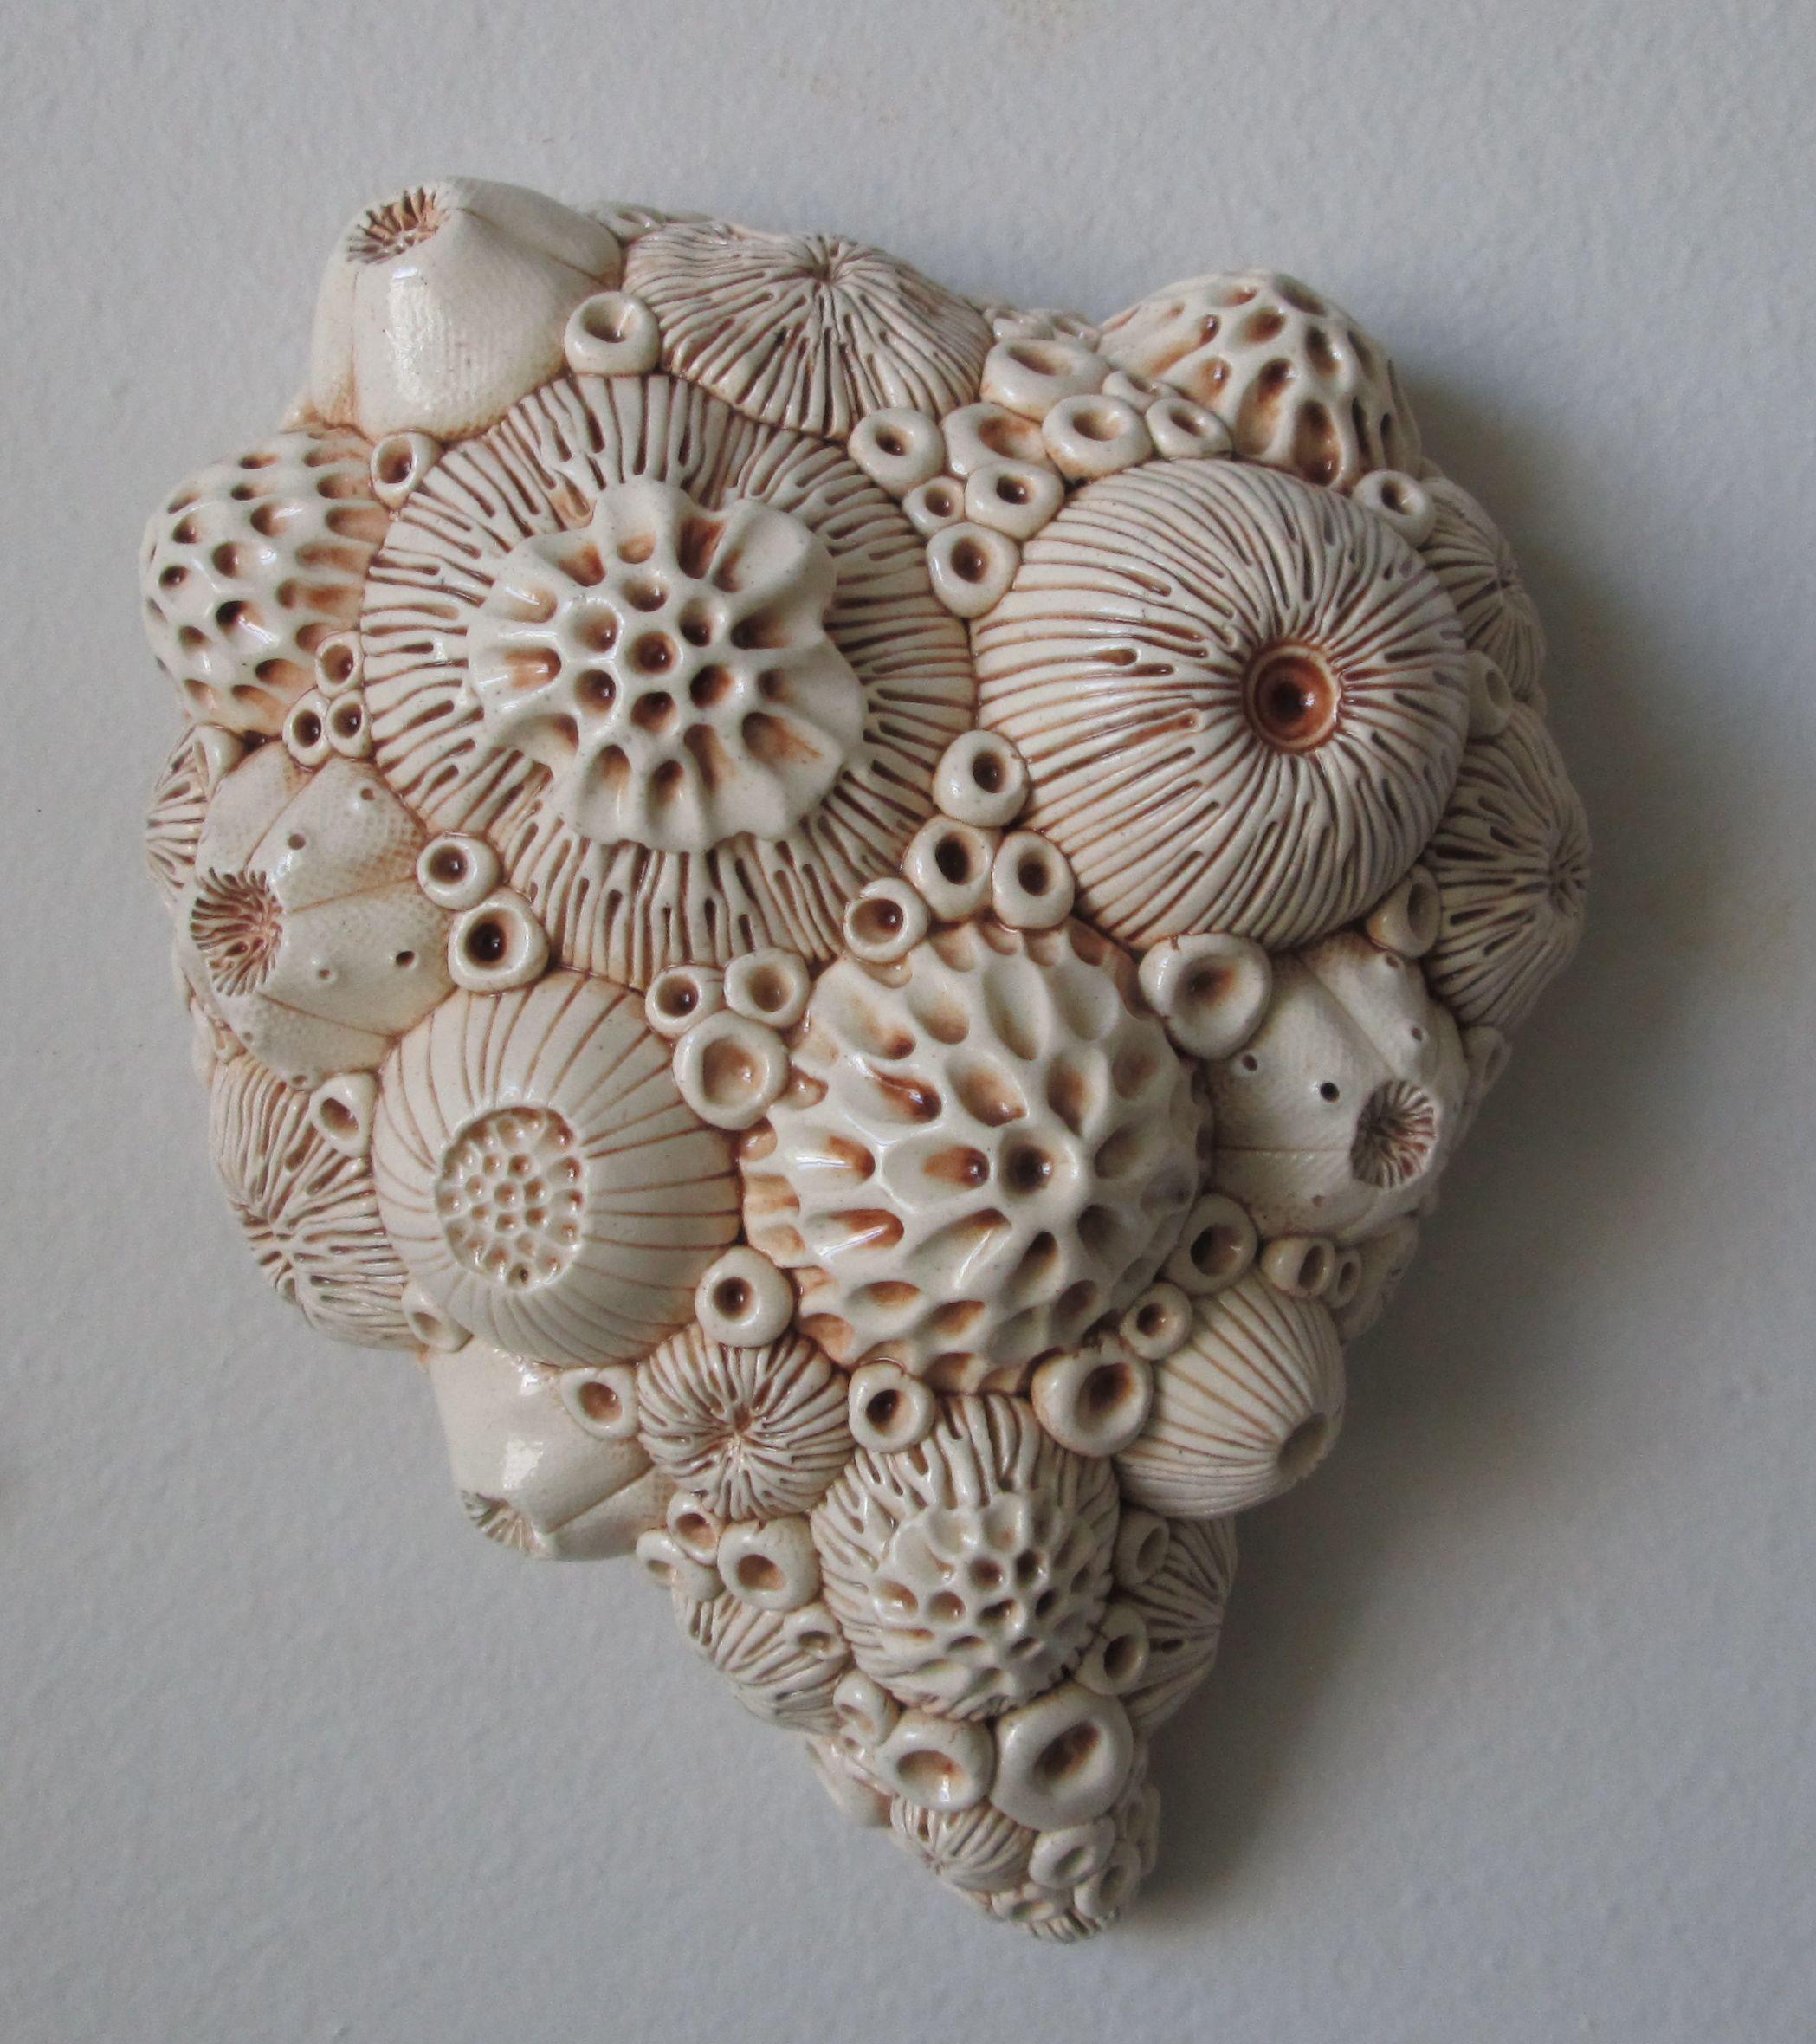 D Krueger Botanical Art Ceramic Sea Urchin Sculpture